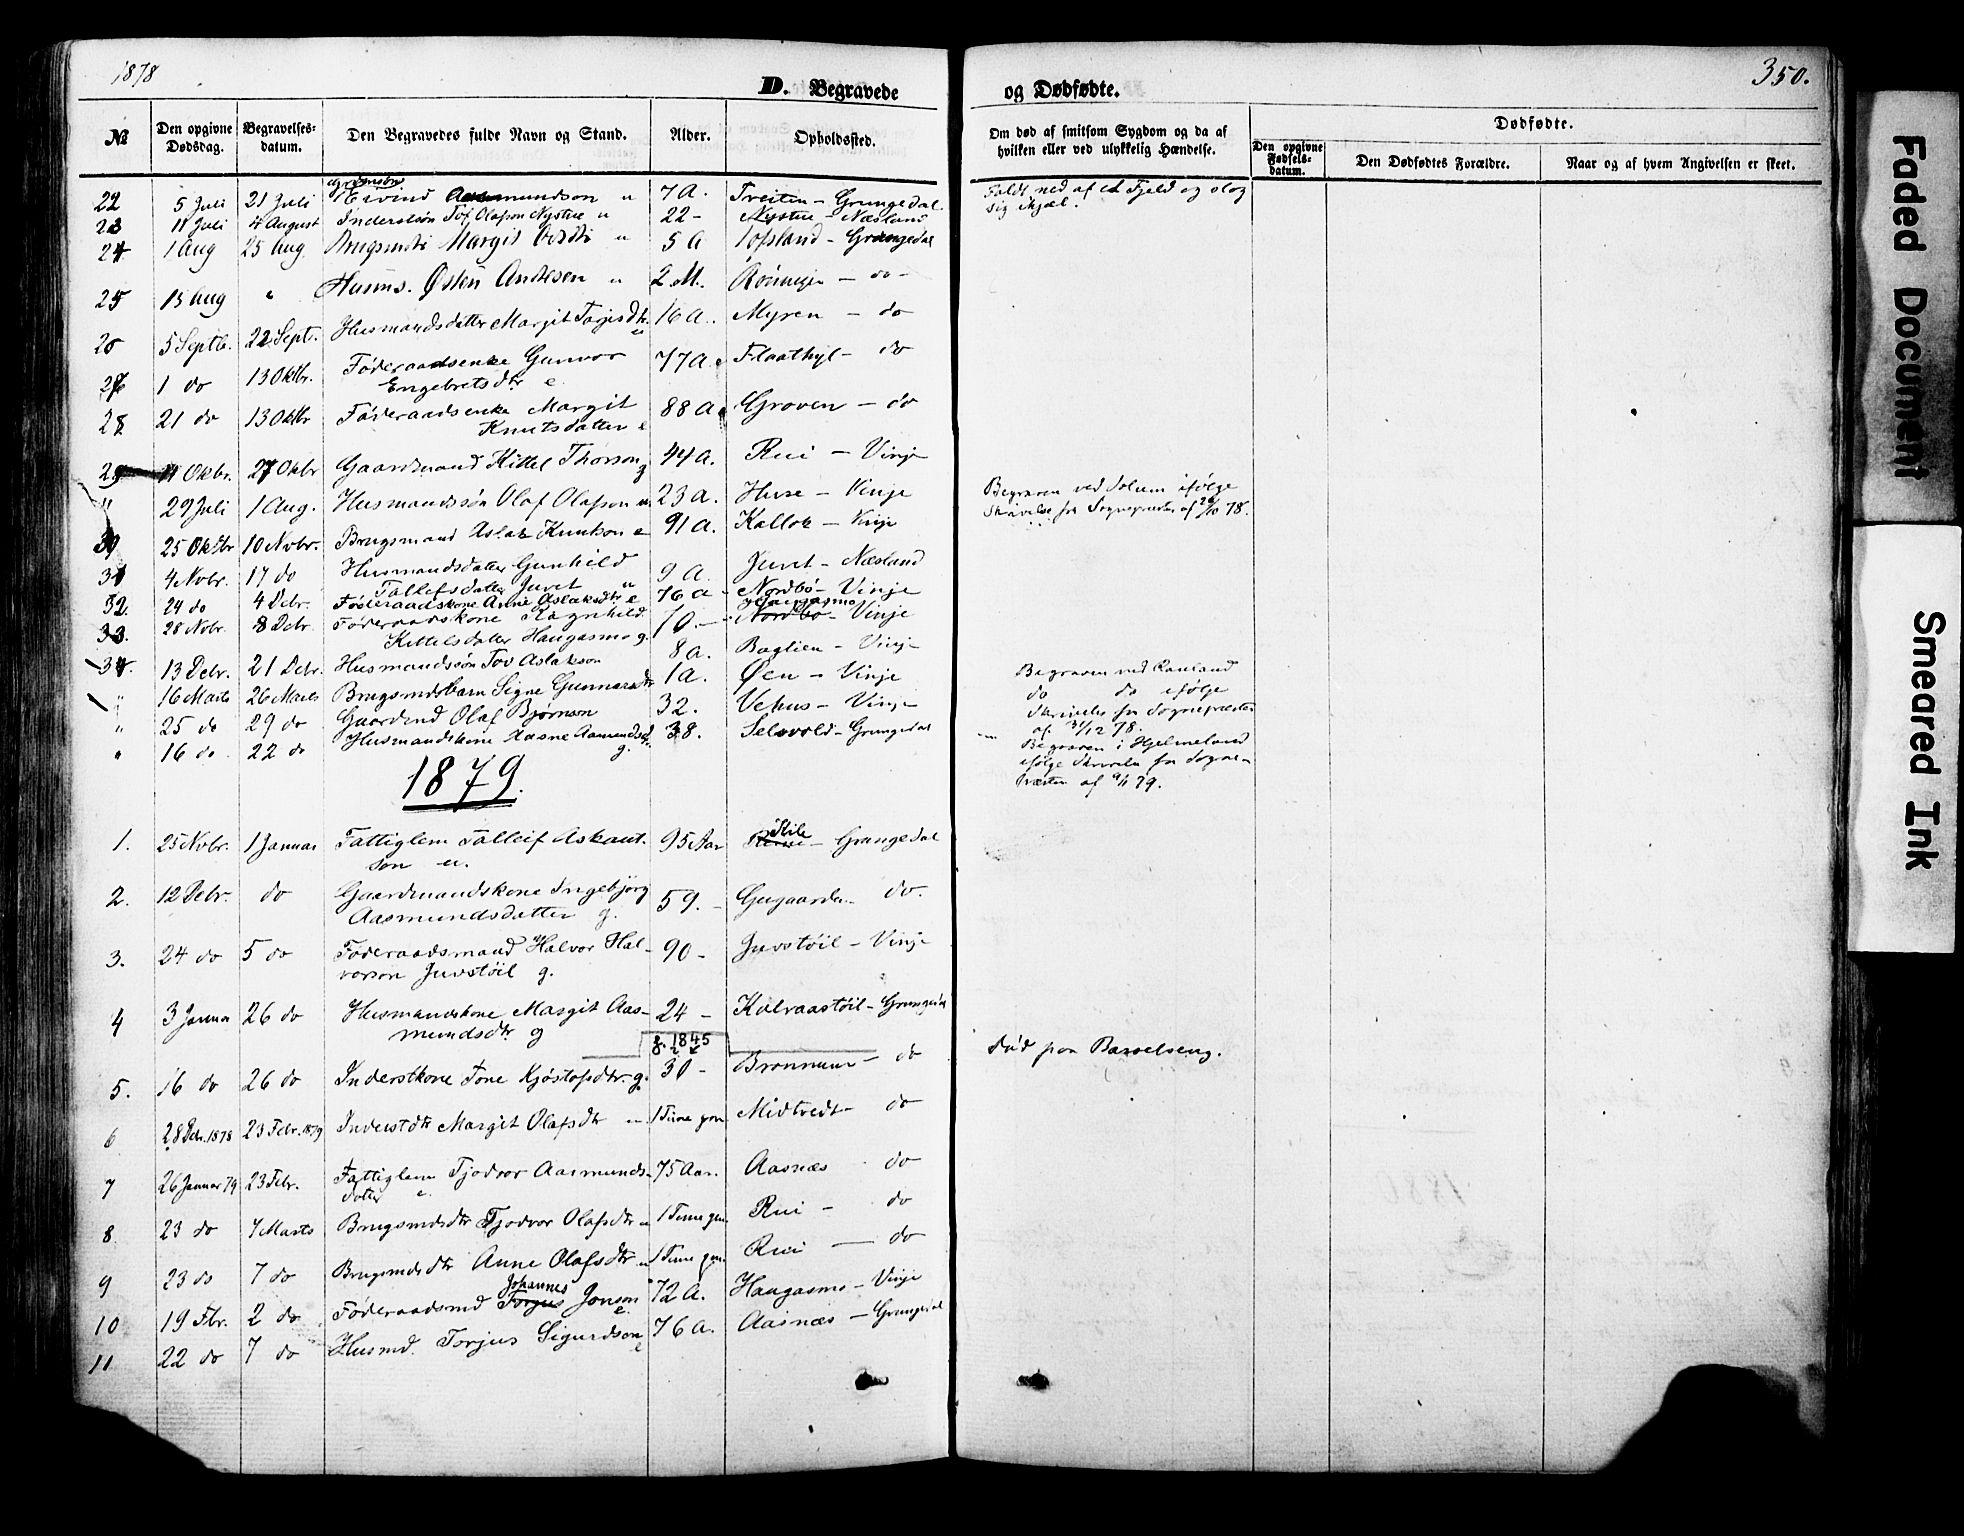 SAKO, Vinje kirkebøker, F/Fa/L0005: Ministerialbok nr. I 5, 1870-1886, s. 350